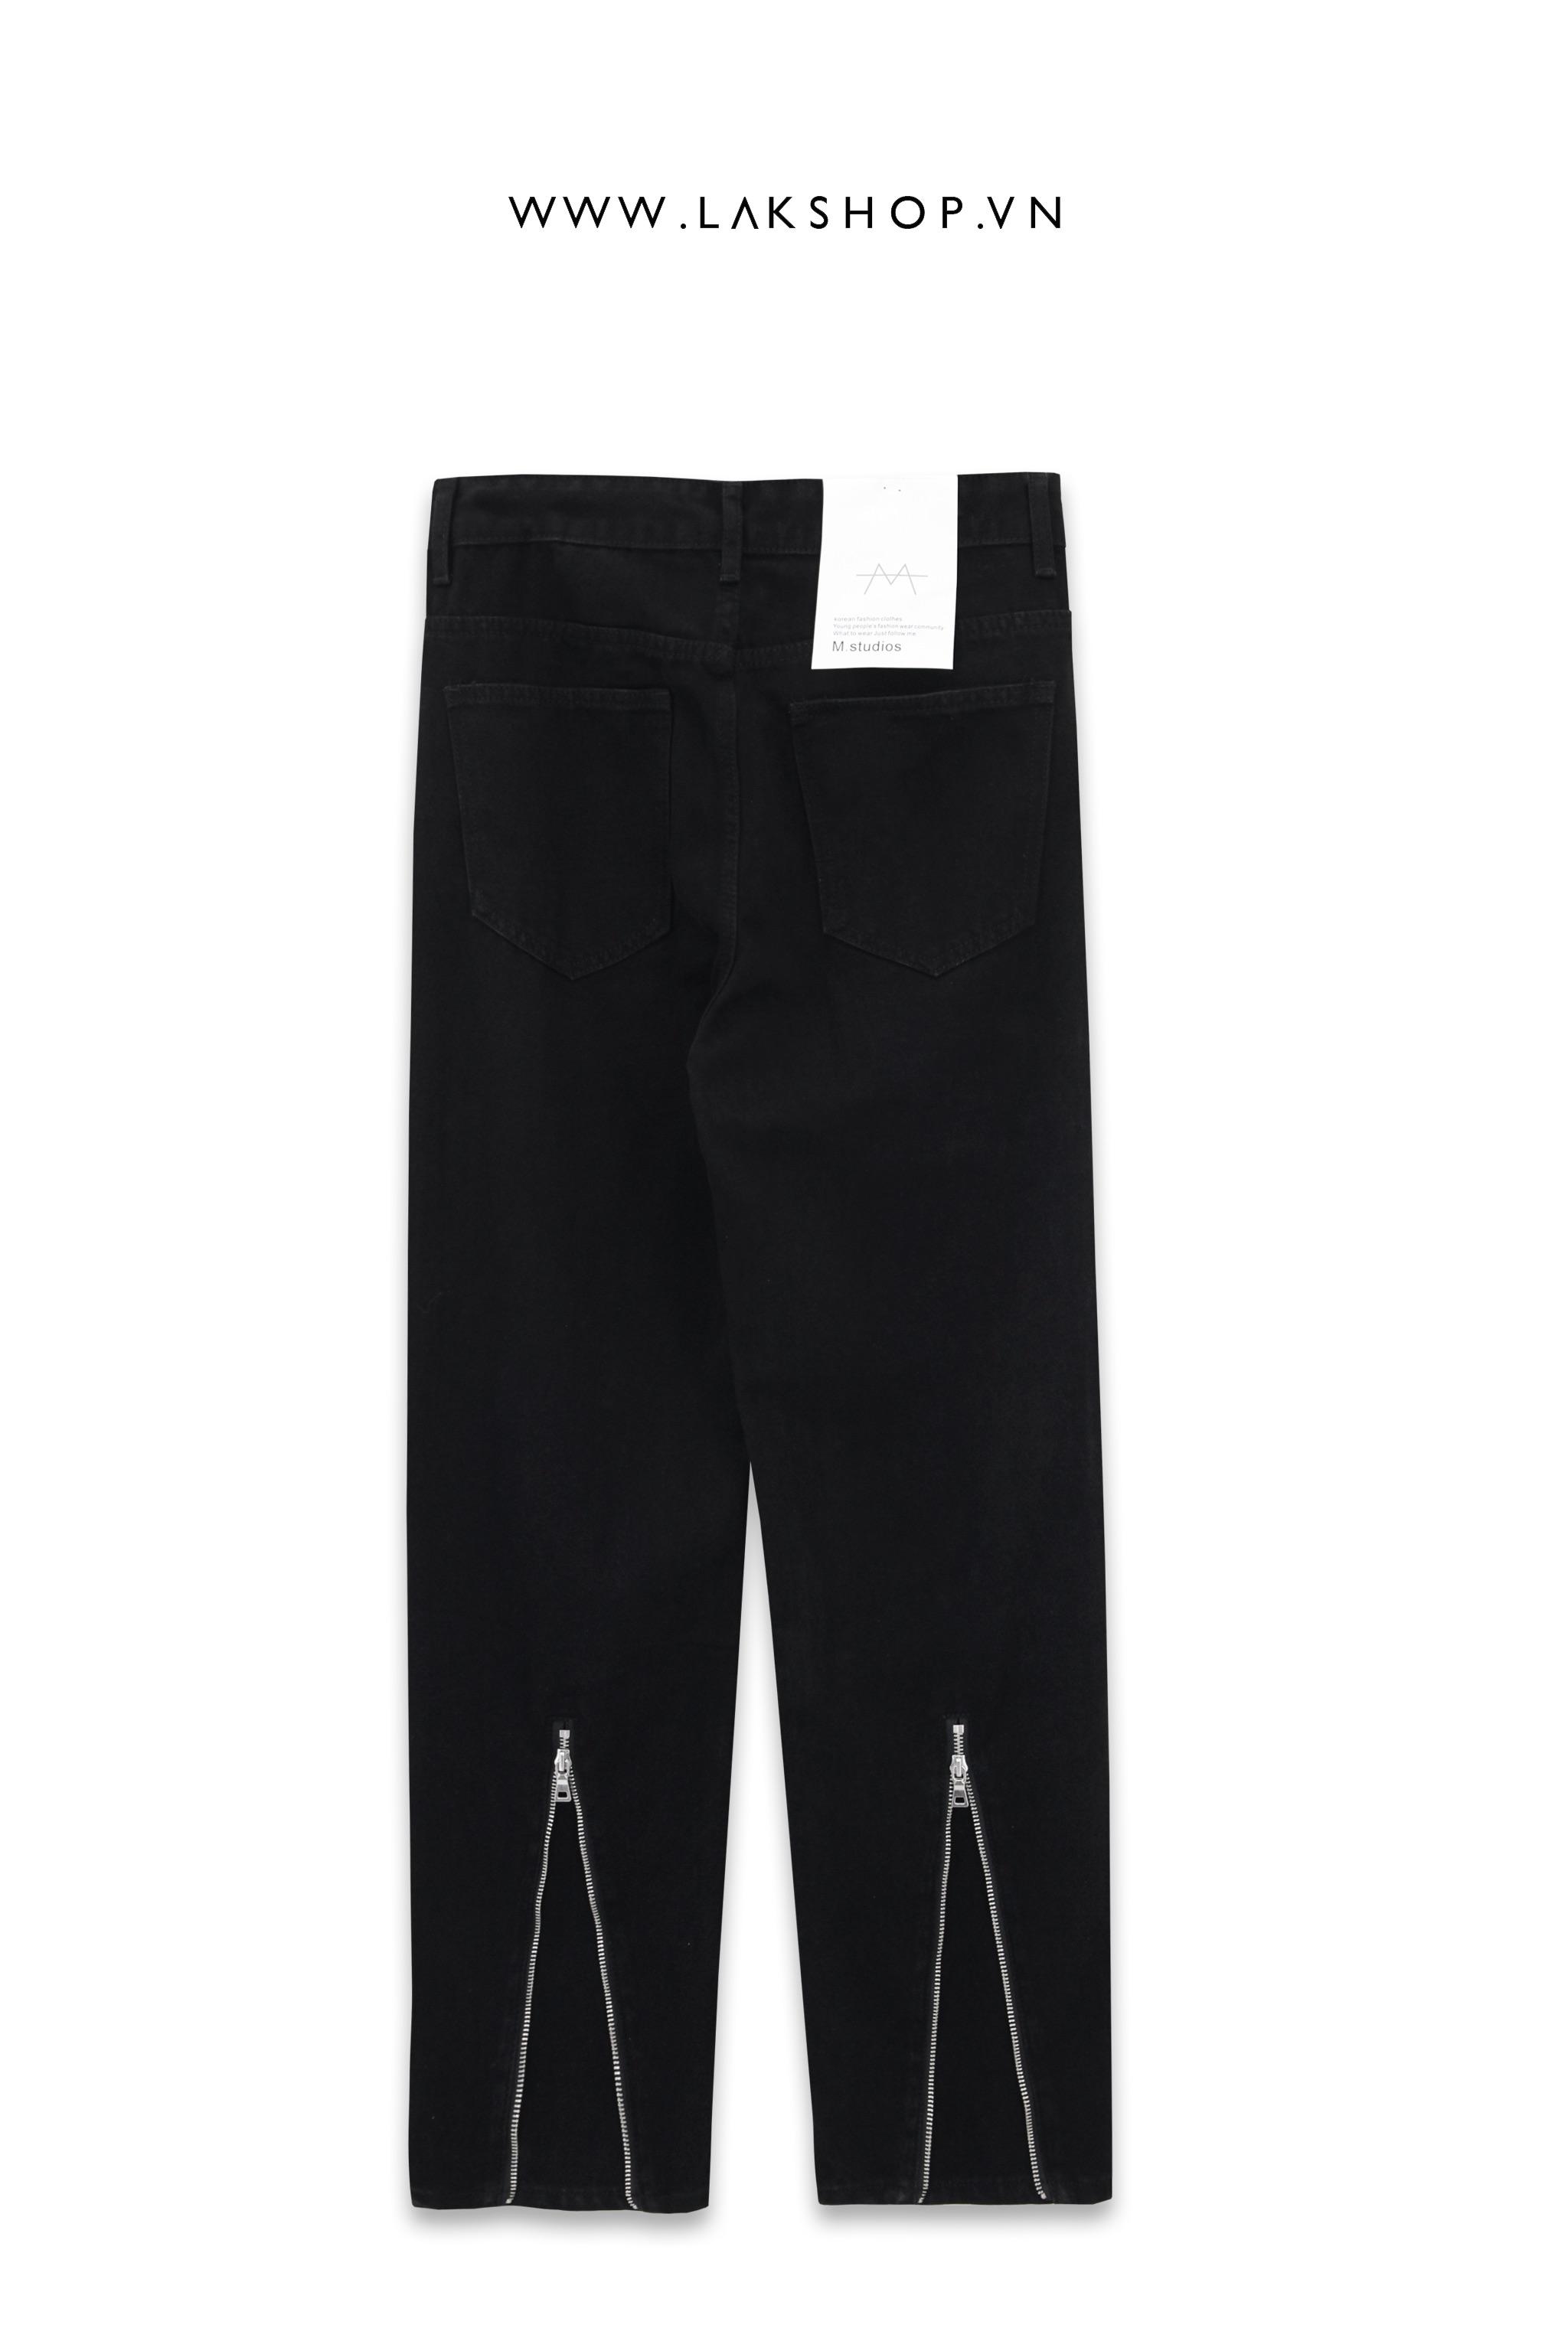 Black Loose Zipper Wide Leg Jeans